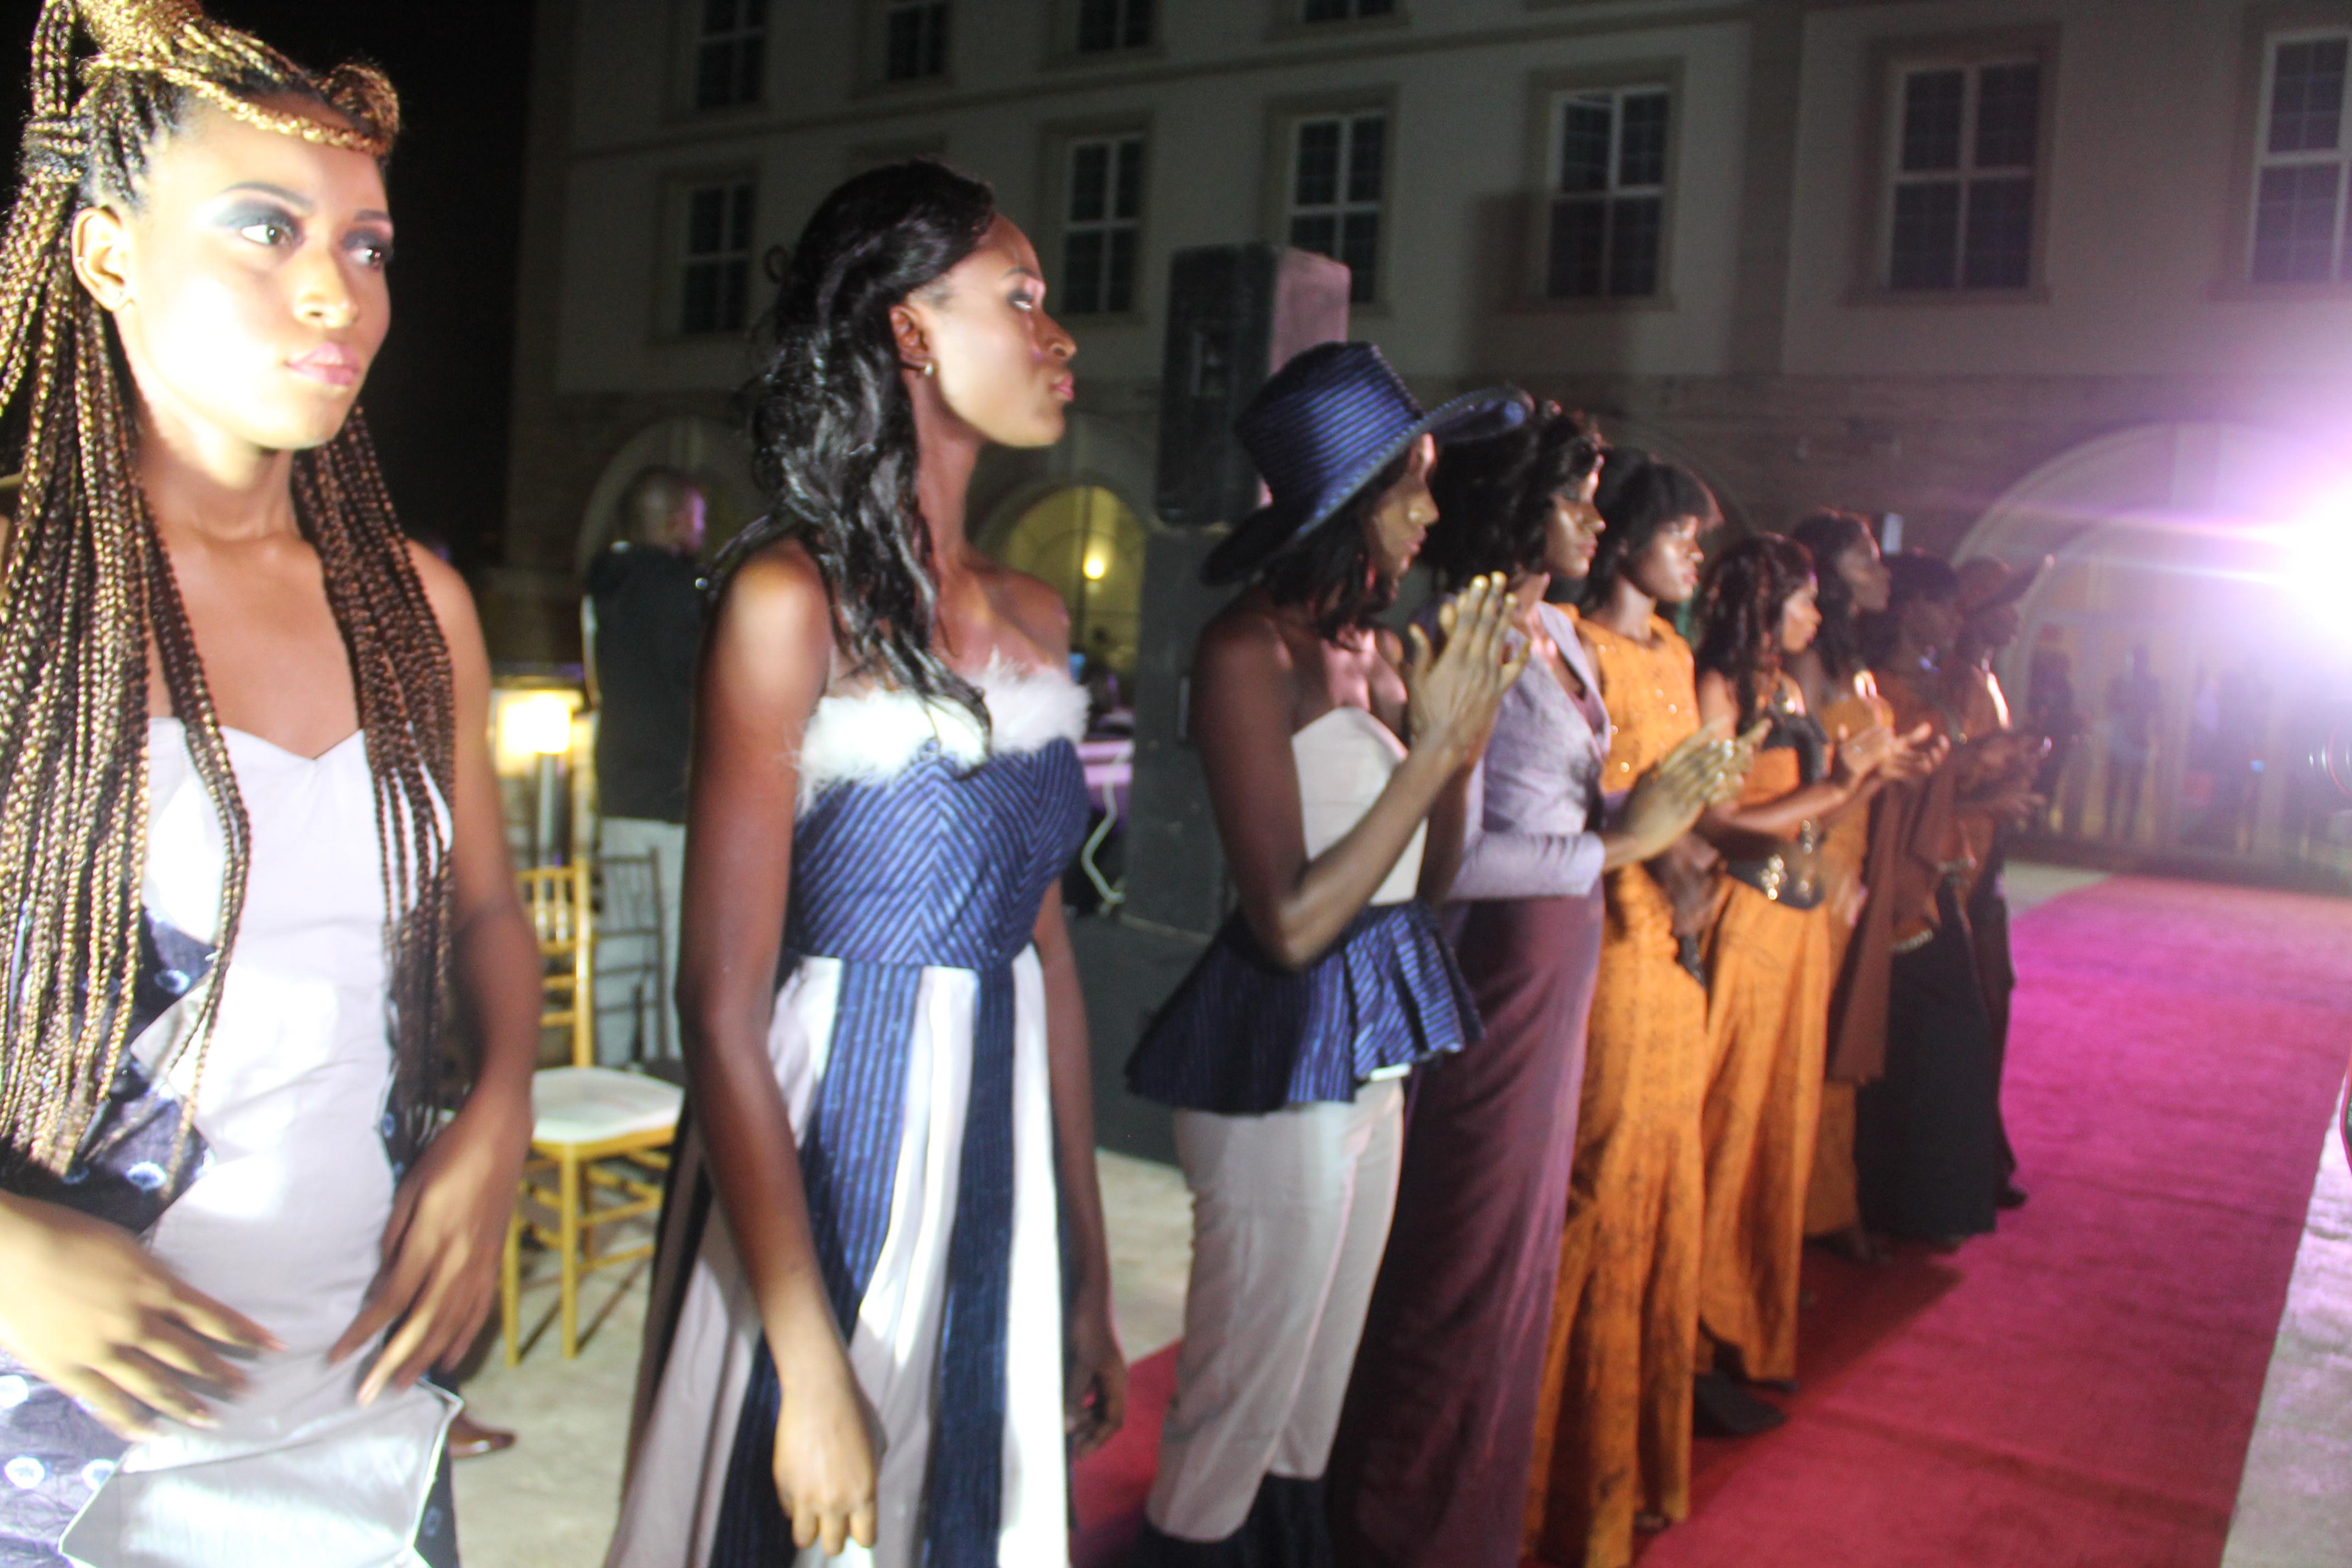 Fête des femmes: K-Awaba Event offre une soirée classe